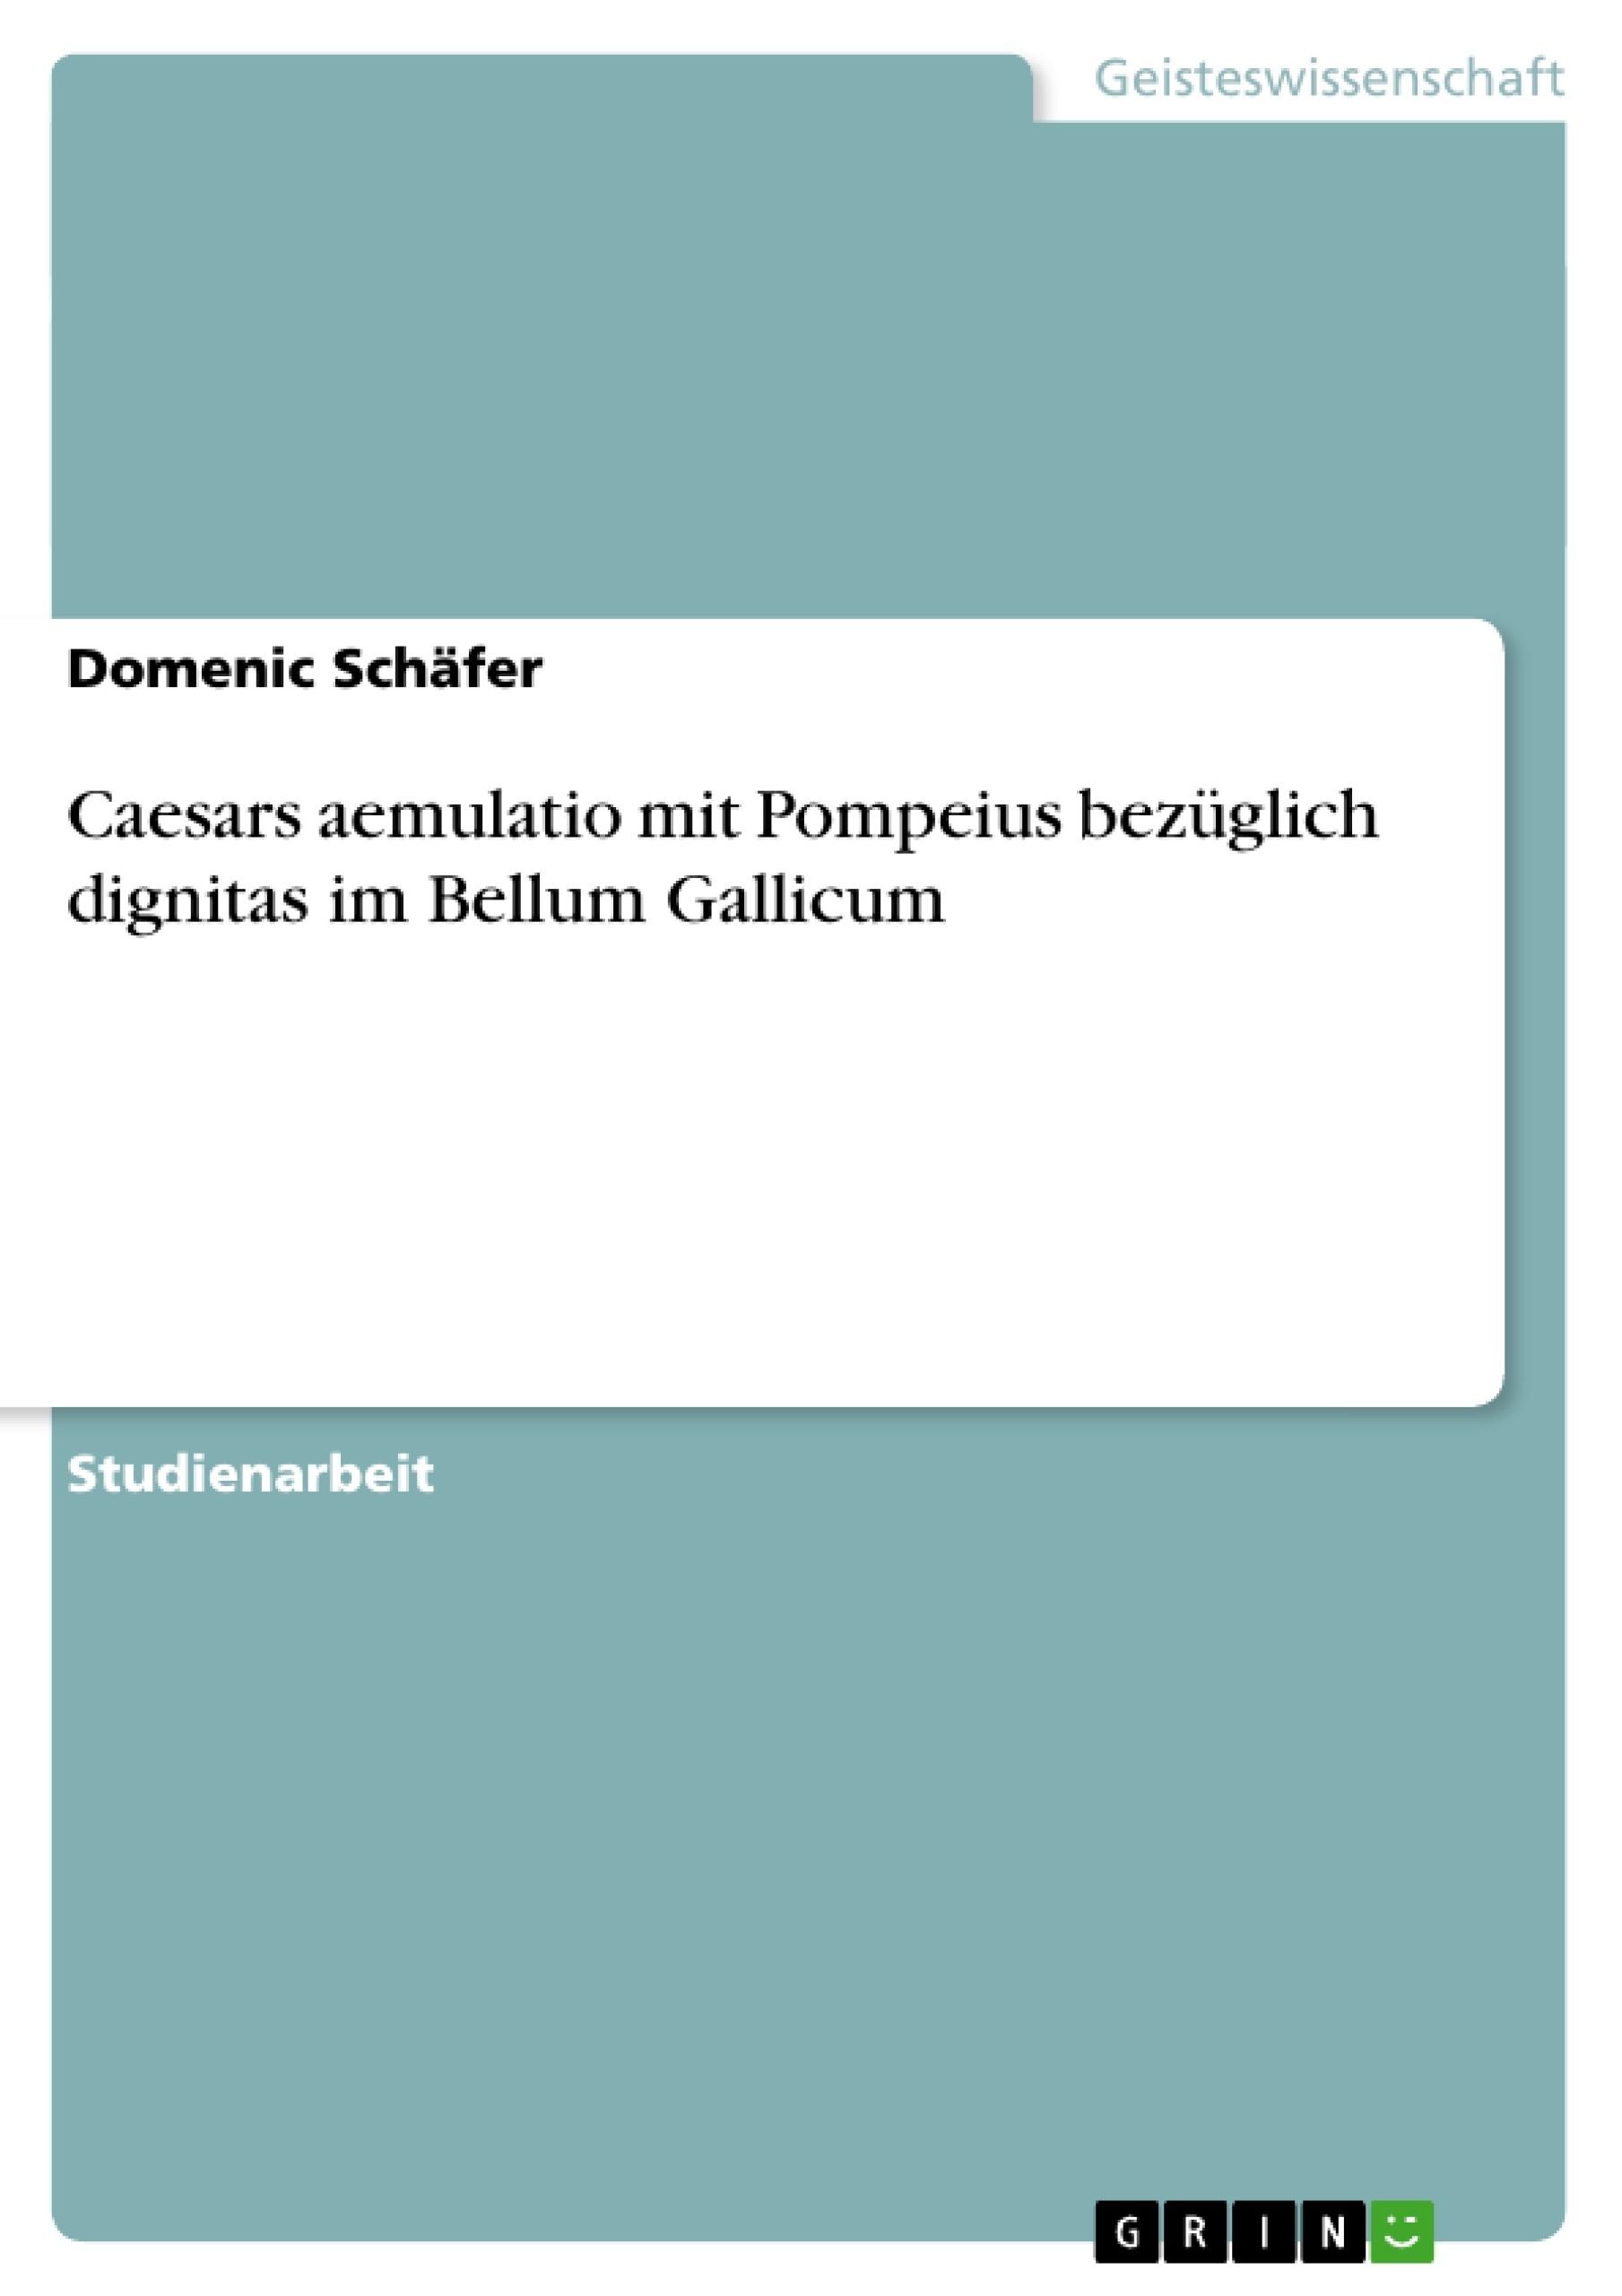 Titel: Caesars aemulatio mit Pompeius bezüglich dignitas im Bellum Gallicum